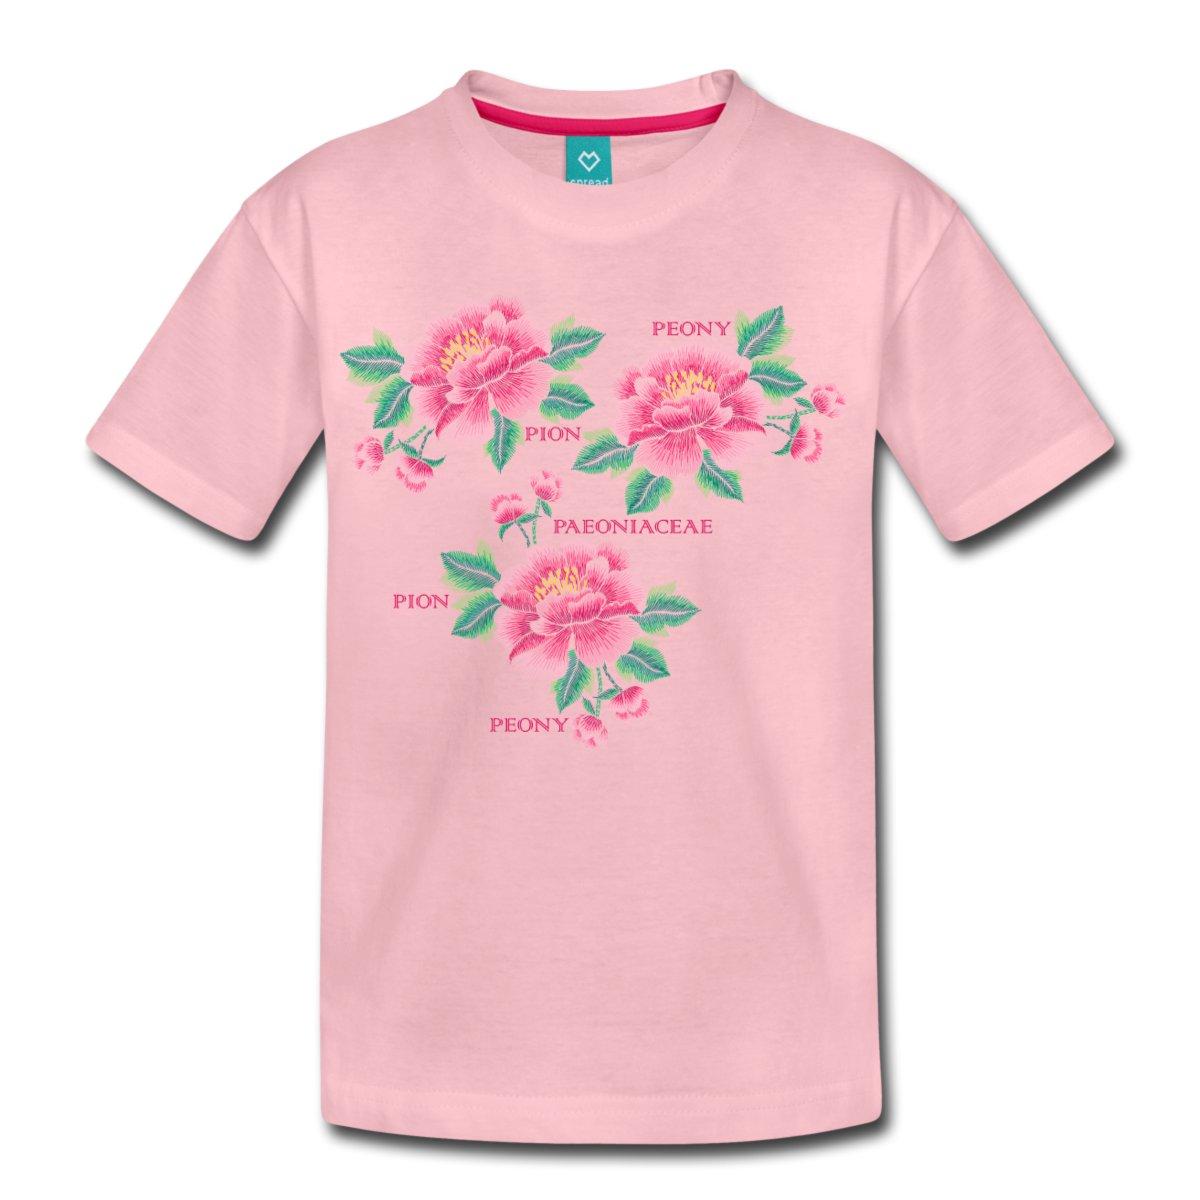 pion-premium-t-shirt-barn-rosa.jpg